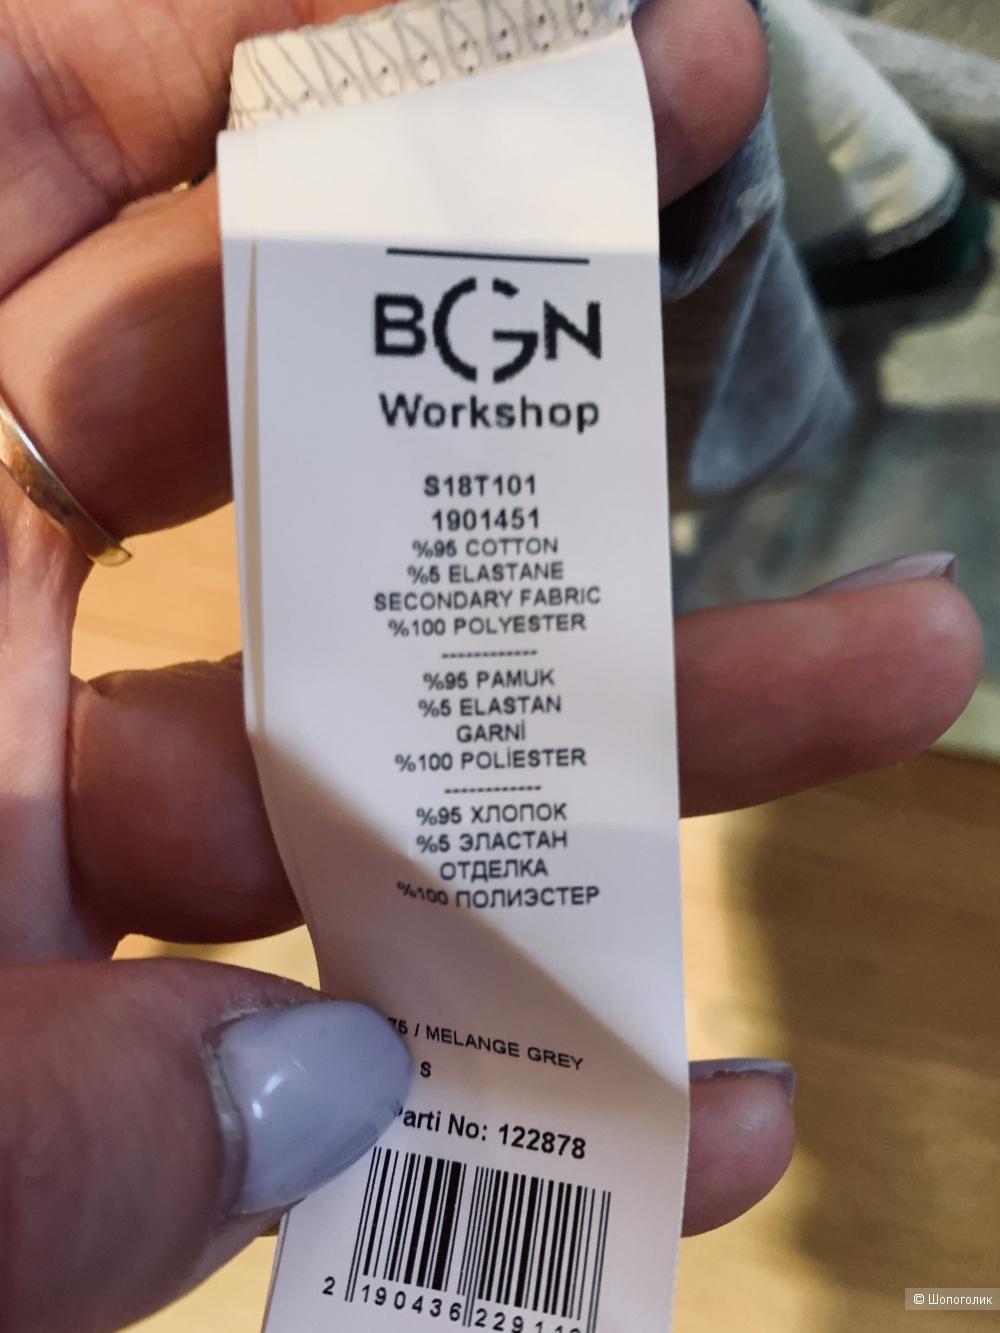 Блуза BGN Workshop S (M)